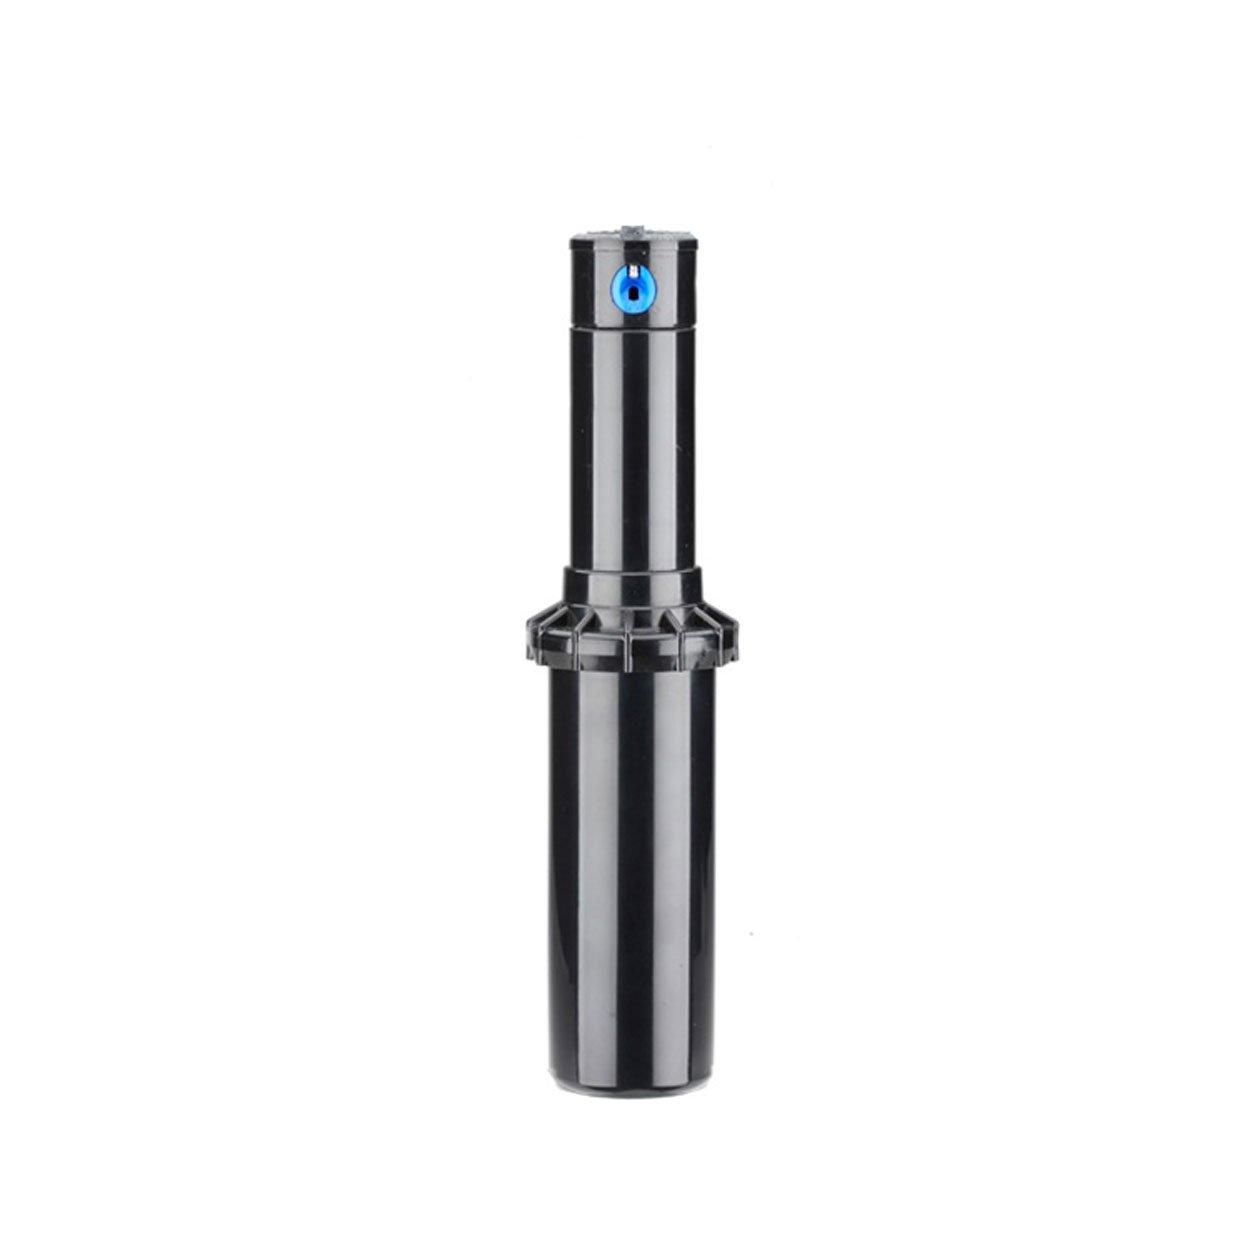 Hunter Sprinkler PGP04CV PGP Ultra Pop-Up Sprinkler with Check Valve, 4-Inch